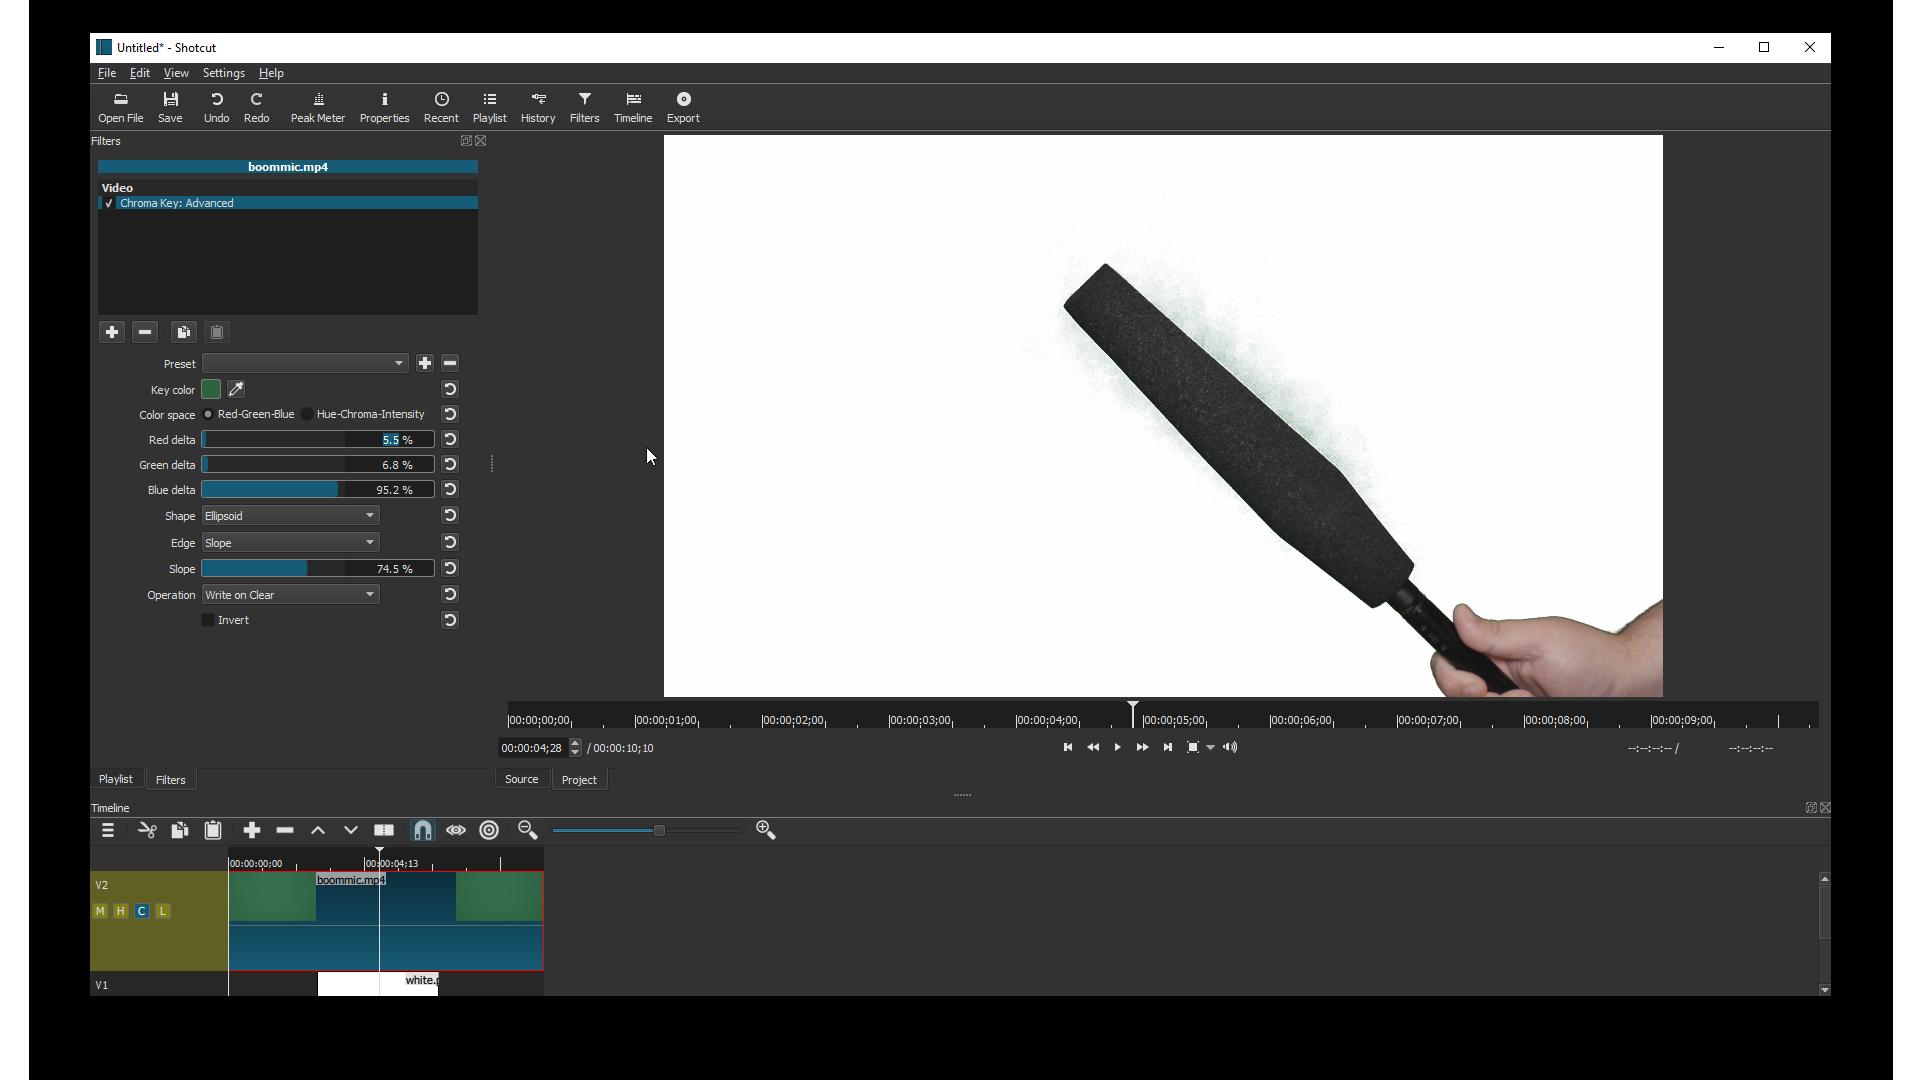 Можно ли заменить Adobe Premiere и Sony Vegas бесплатными видеоредакторами? - 11